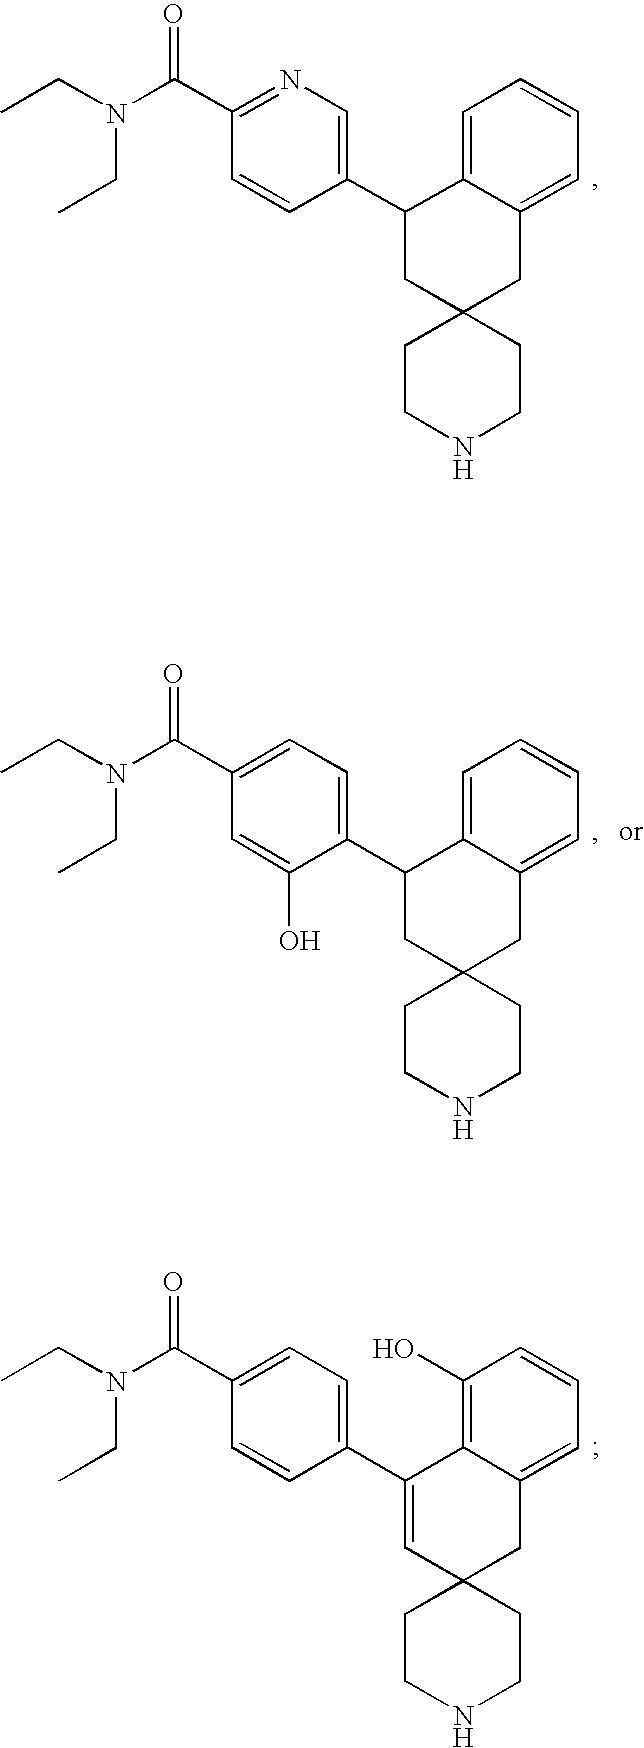 Figure US07598261-20091006-C00062